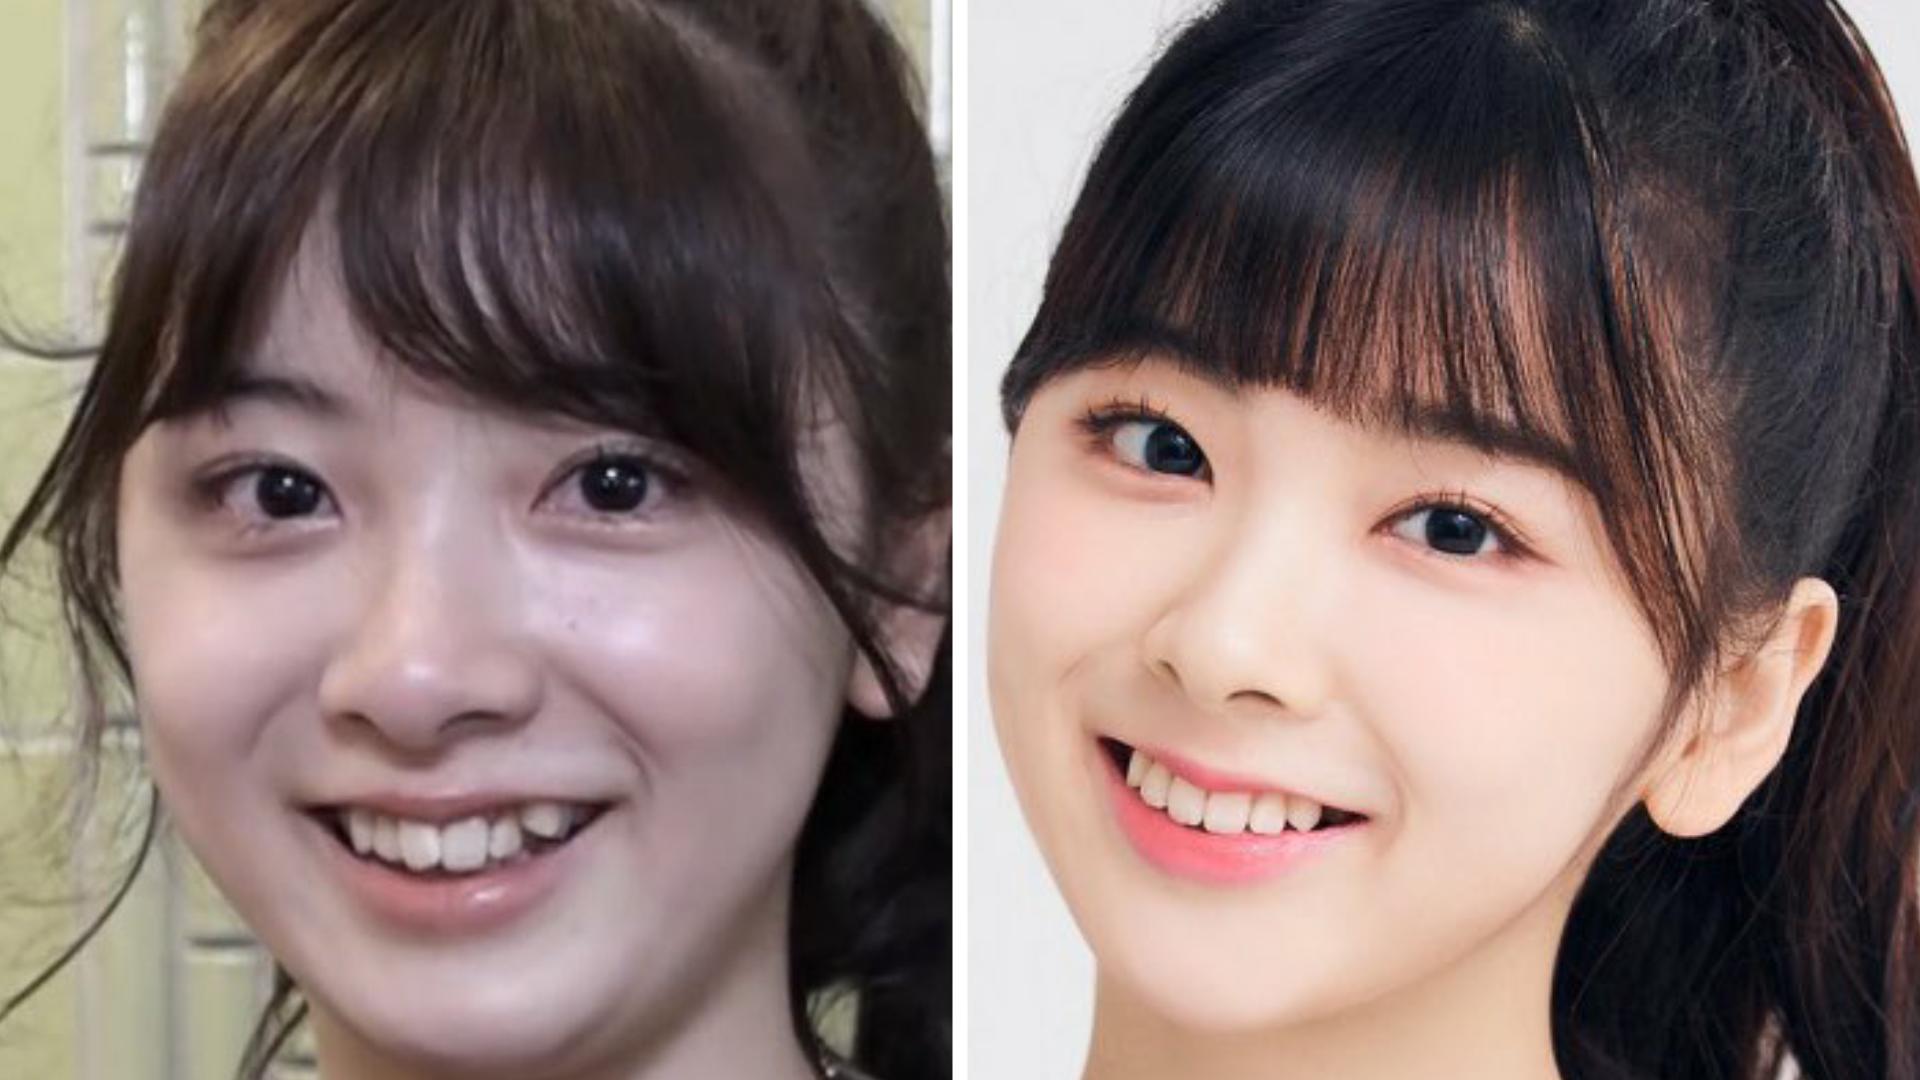 ミイヒの痩せた前後の比較,歯並び比較